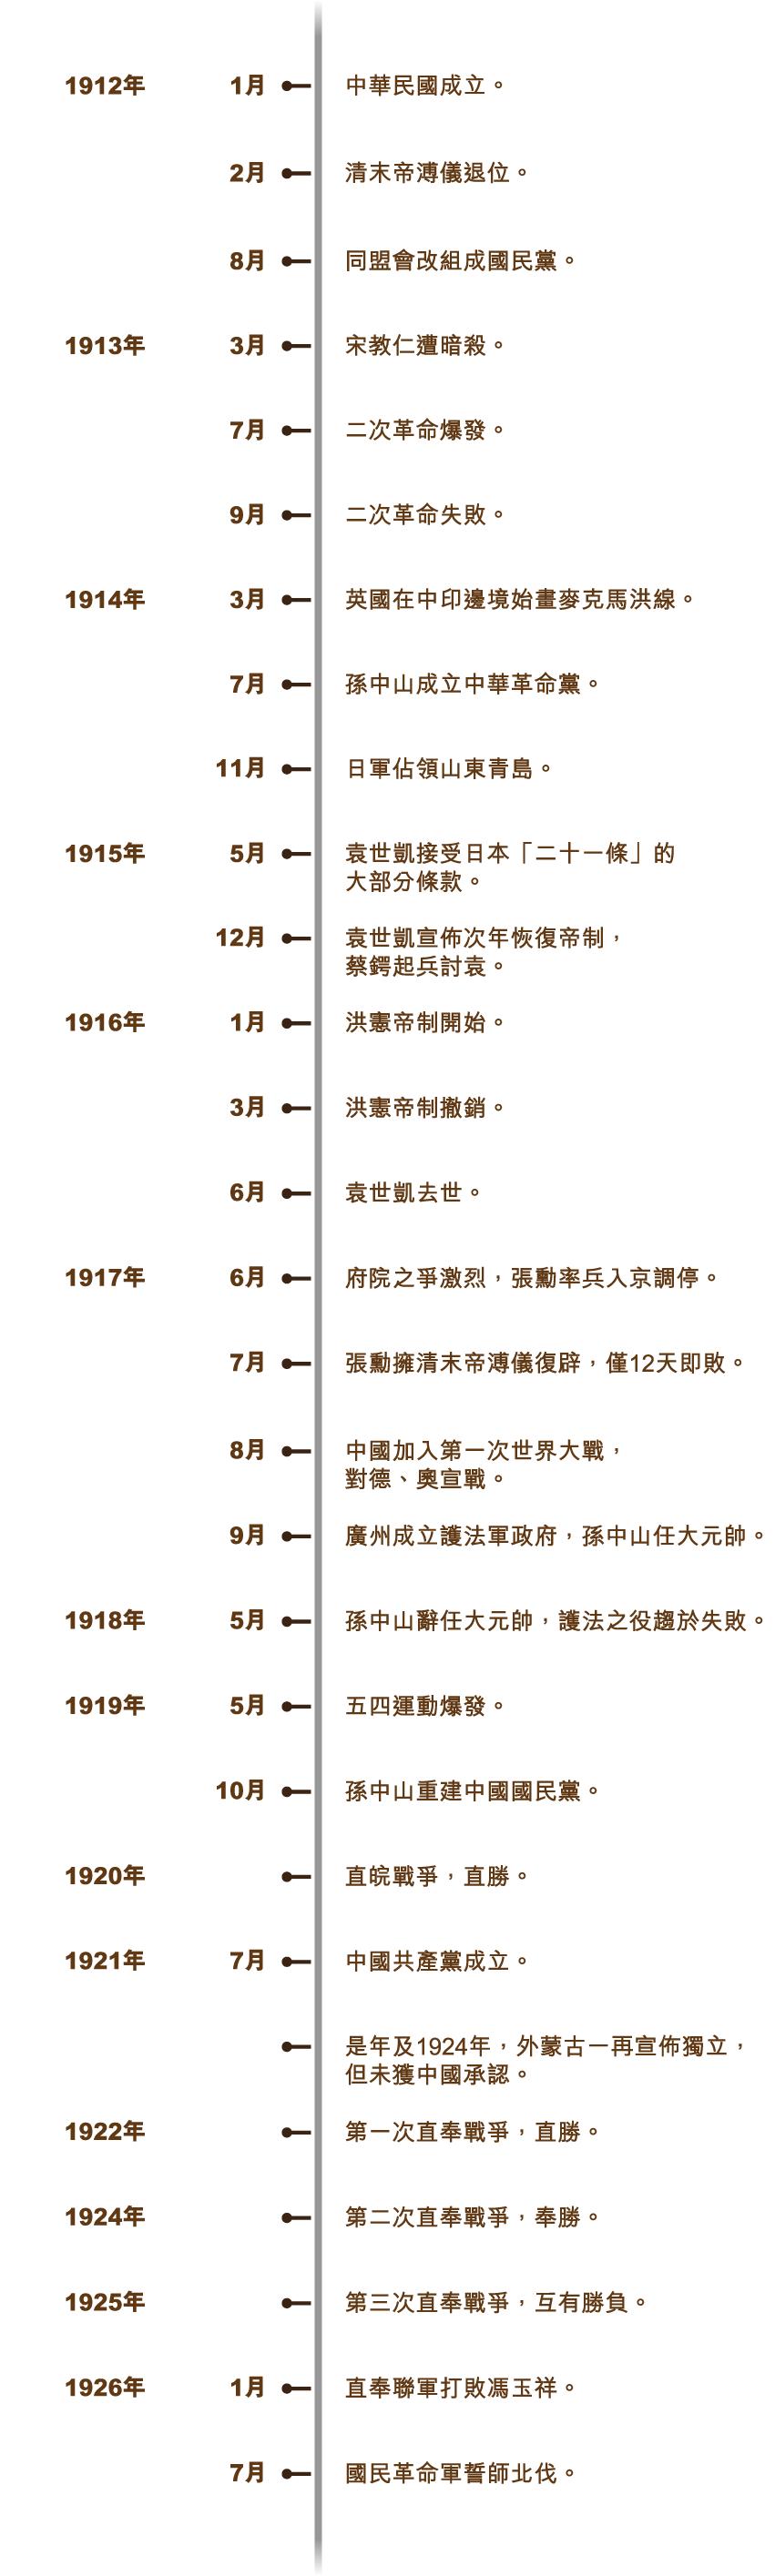 minchu_timeline_v4-01